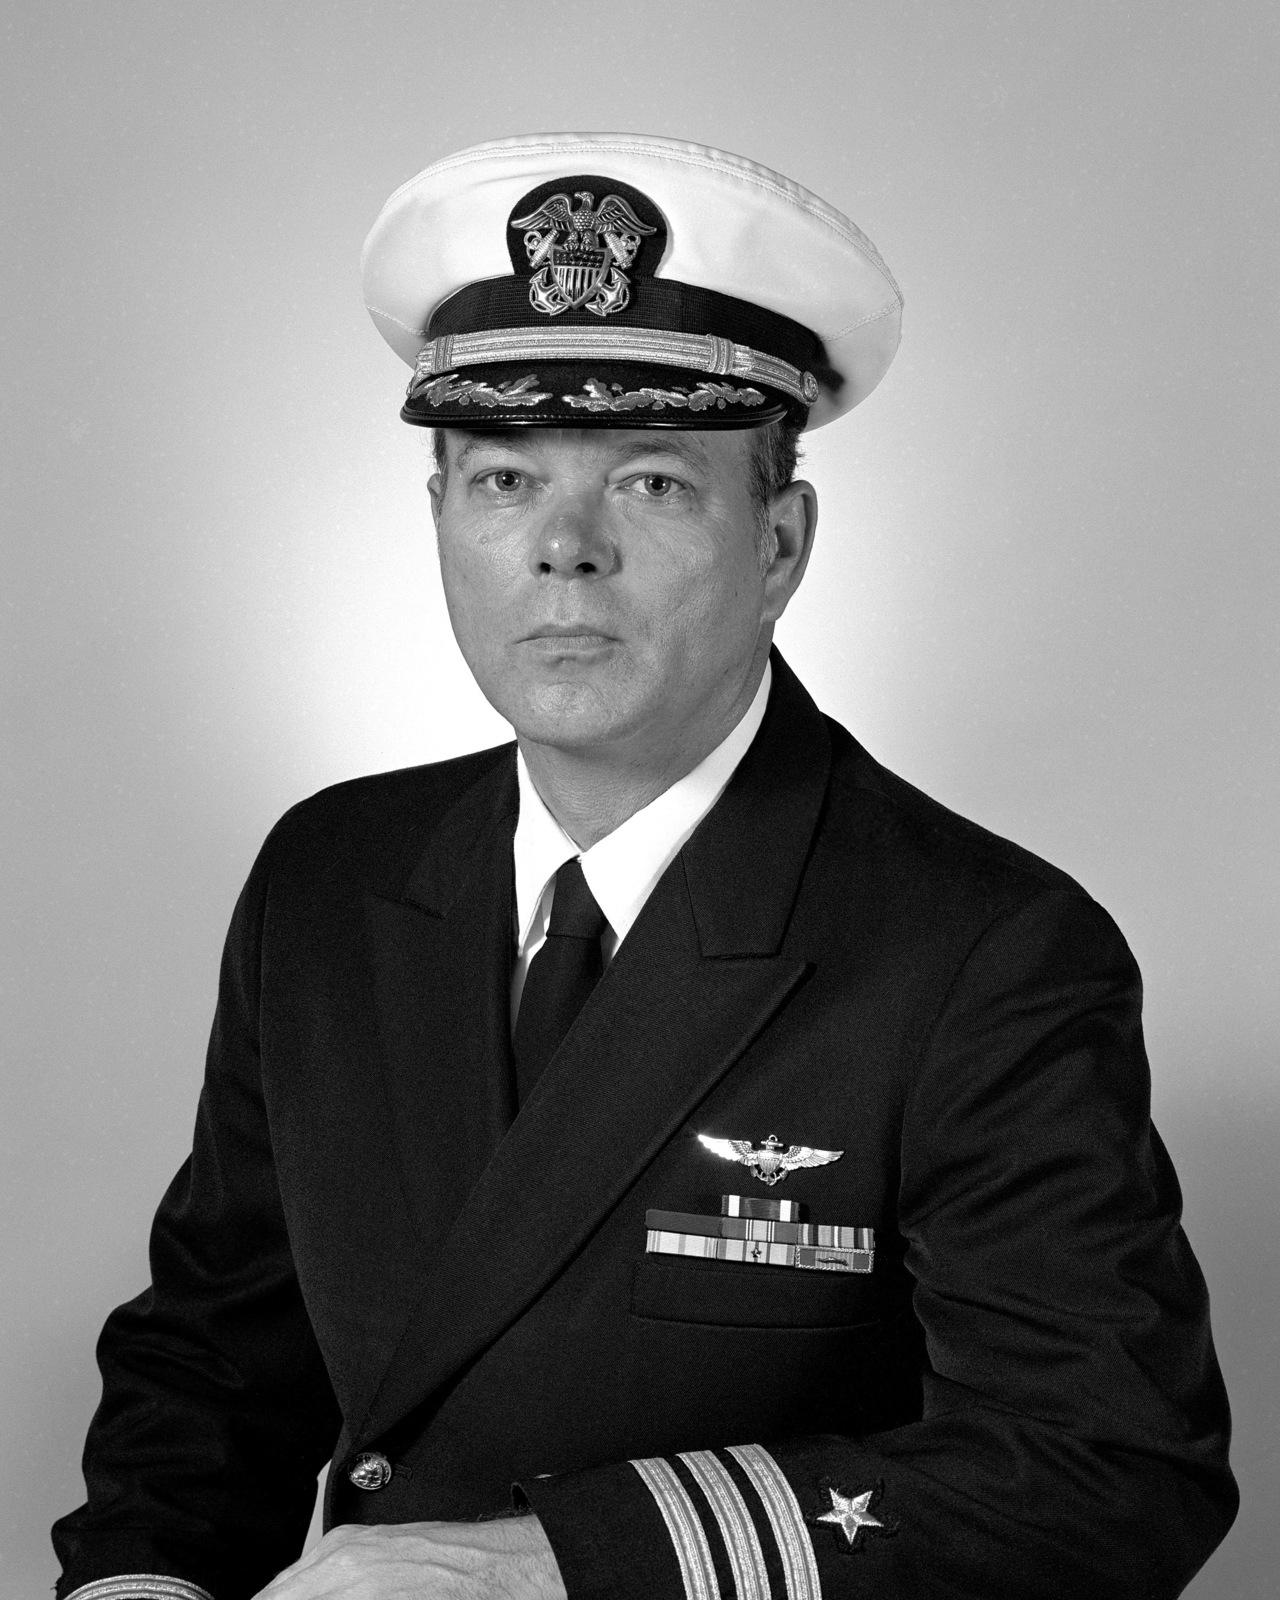 Commander James L. Crum, USN (covered)